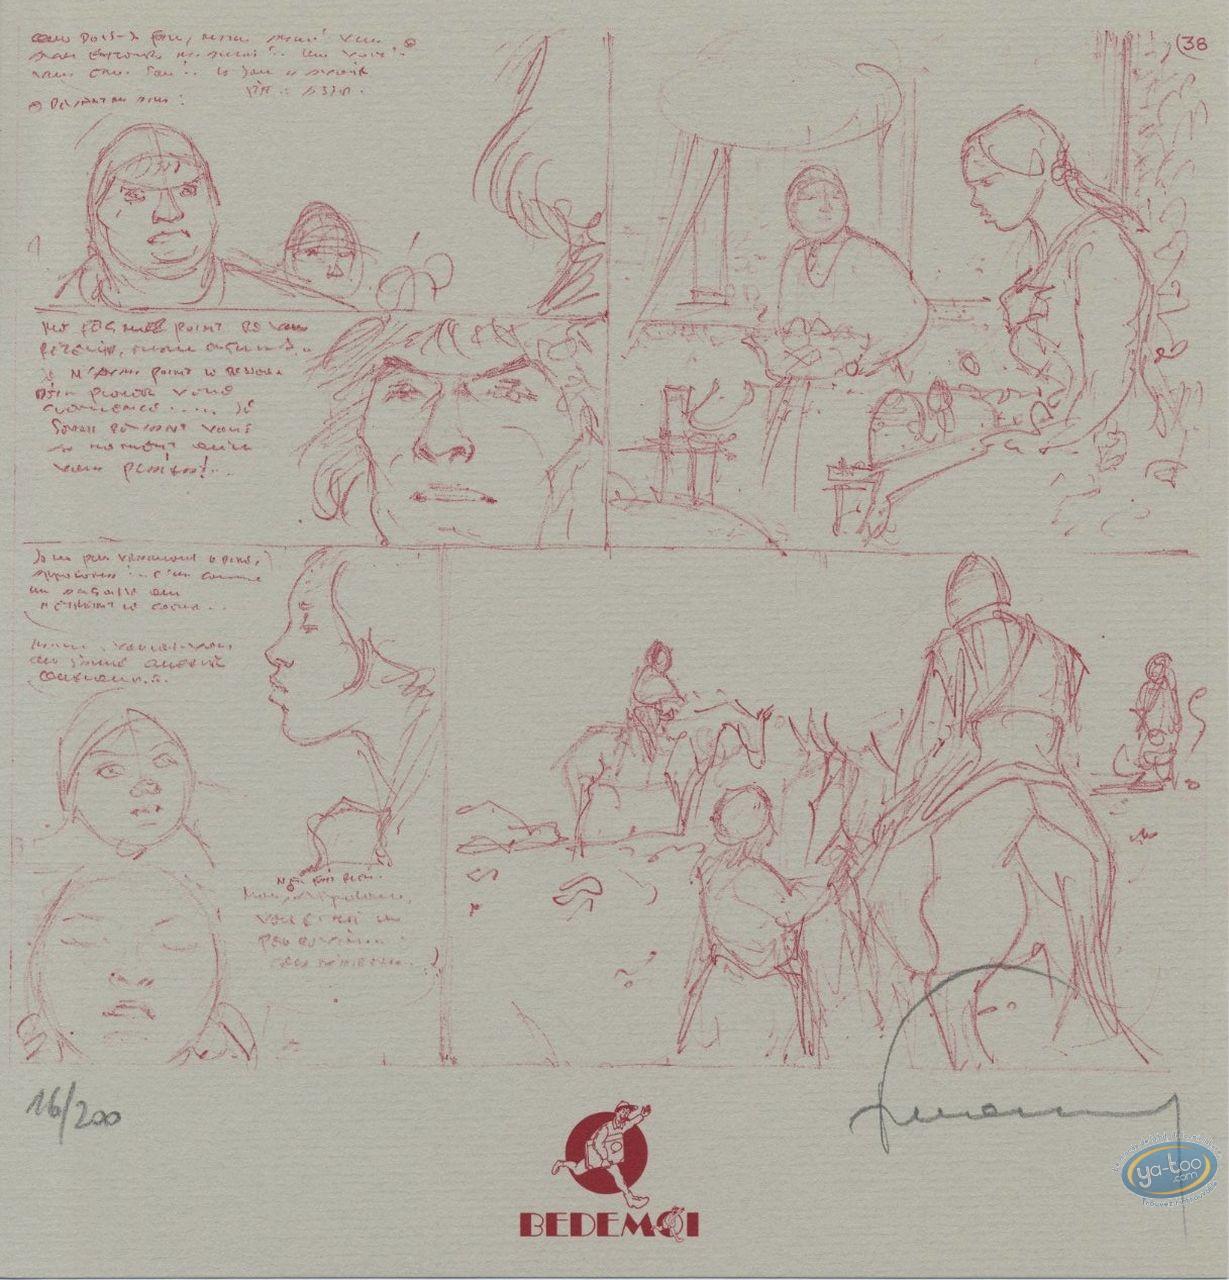 Ex-libris Offset, Tours de Bois-Maury (Les) : Page crayonnée